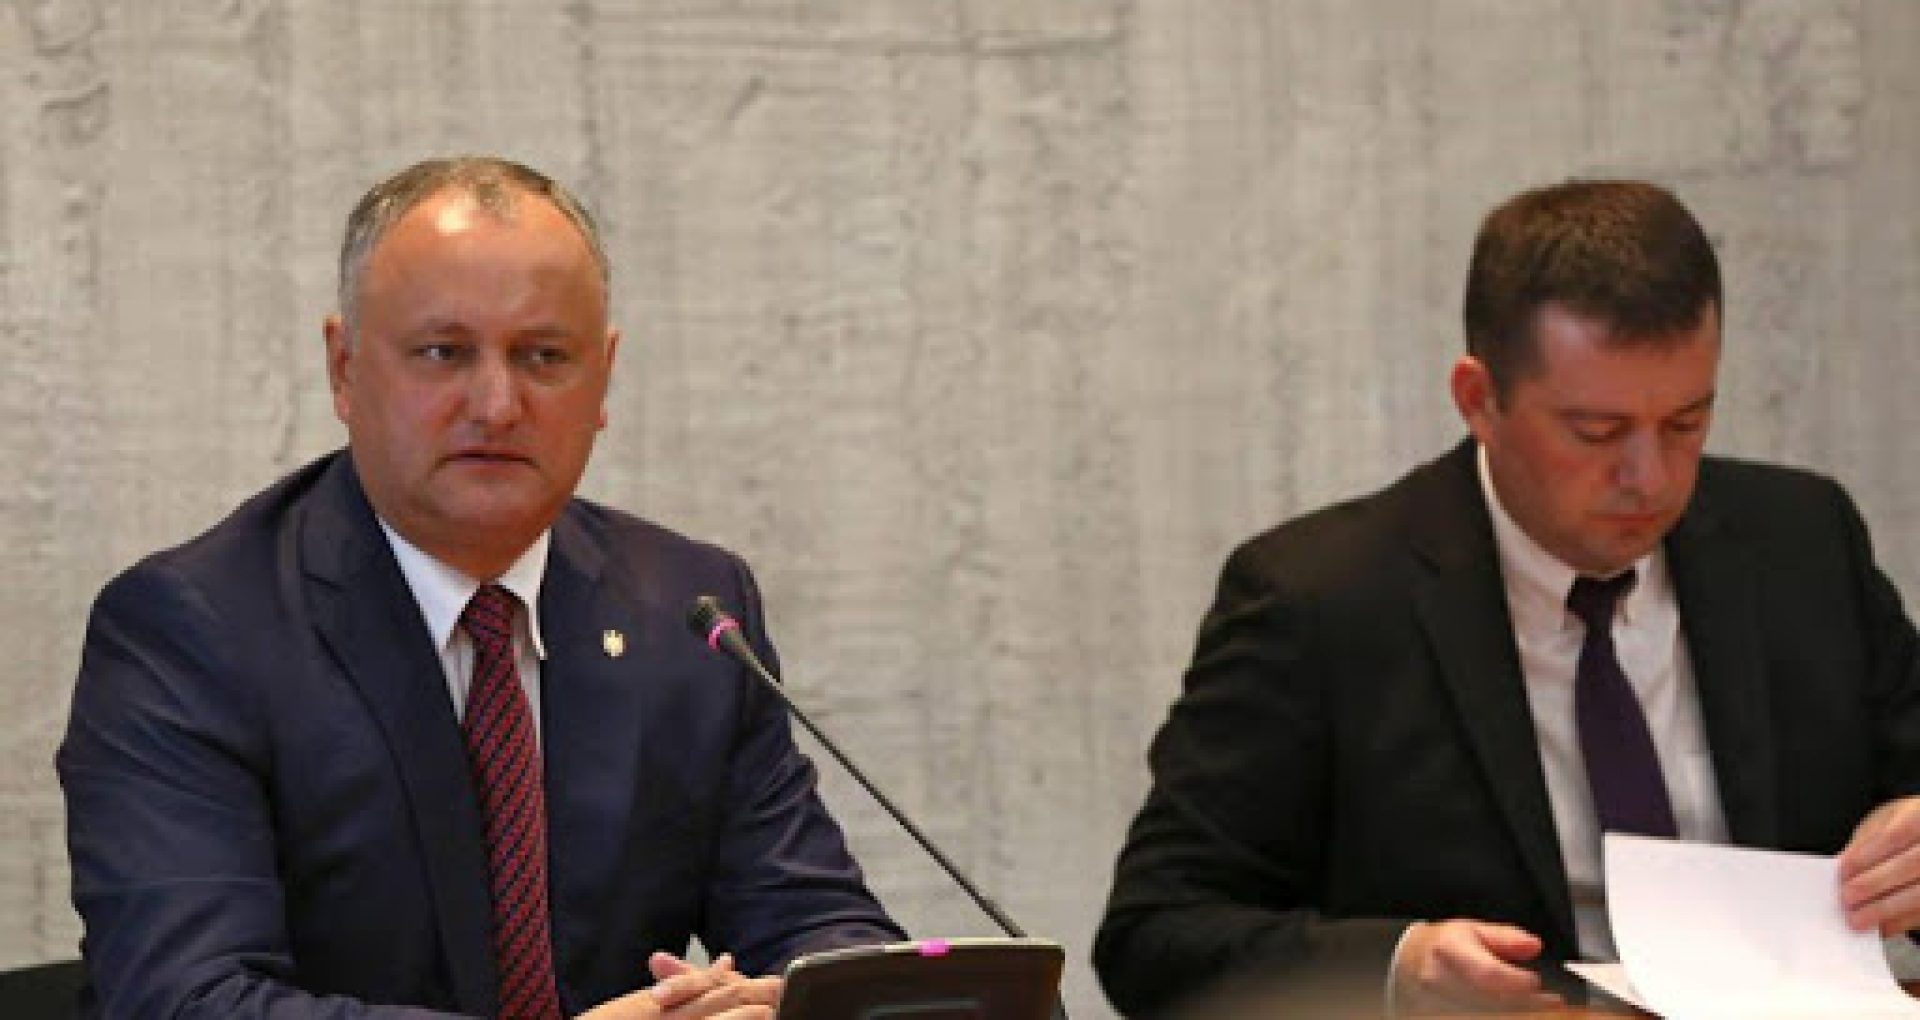 Consilierii lui Igor Dodon și secretarul general al Aparatului președintelui, demiși prin decret